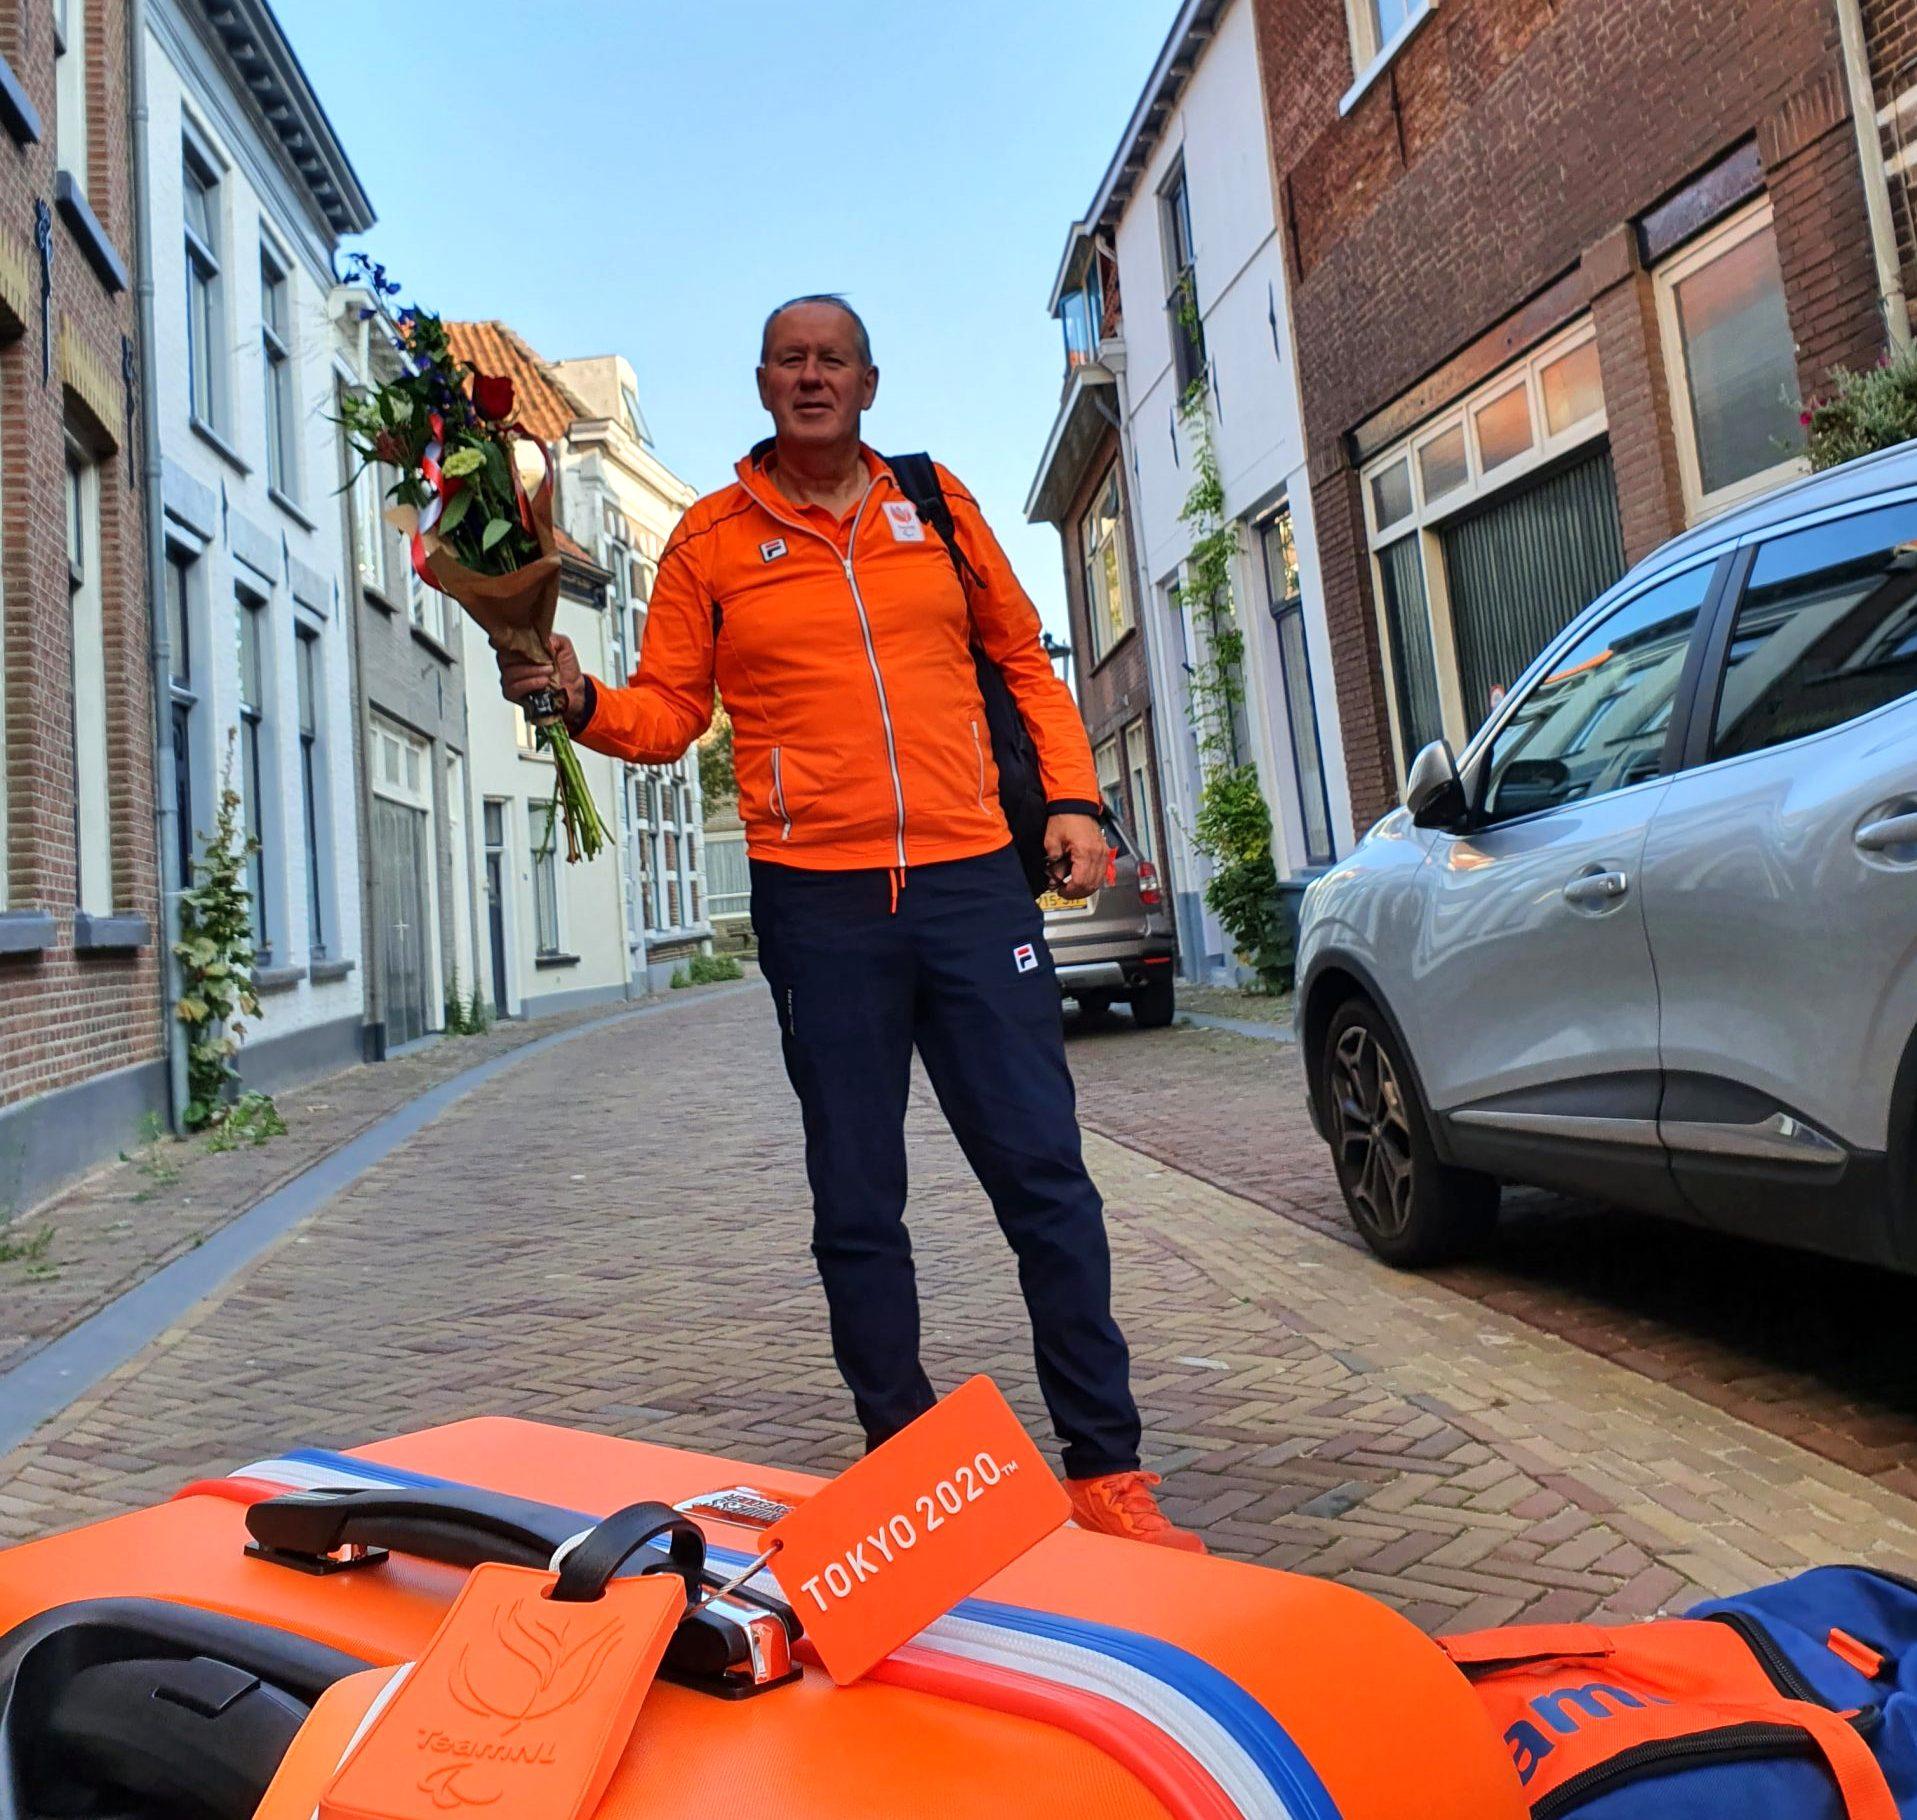 Kamper bondscoach paralympische tafeltennis, Johan Lieftink, blikt terug op succesvolle spelen in Tokio.